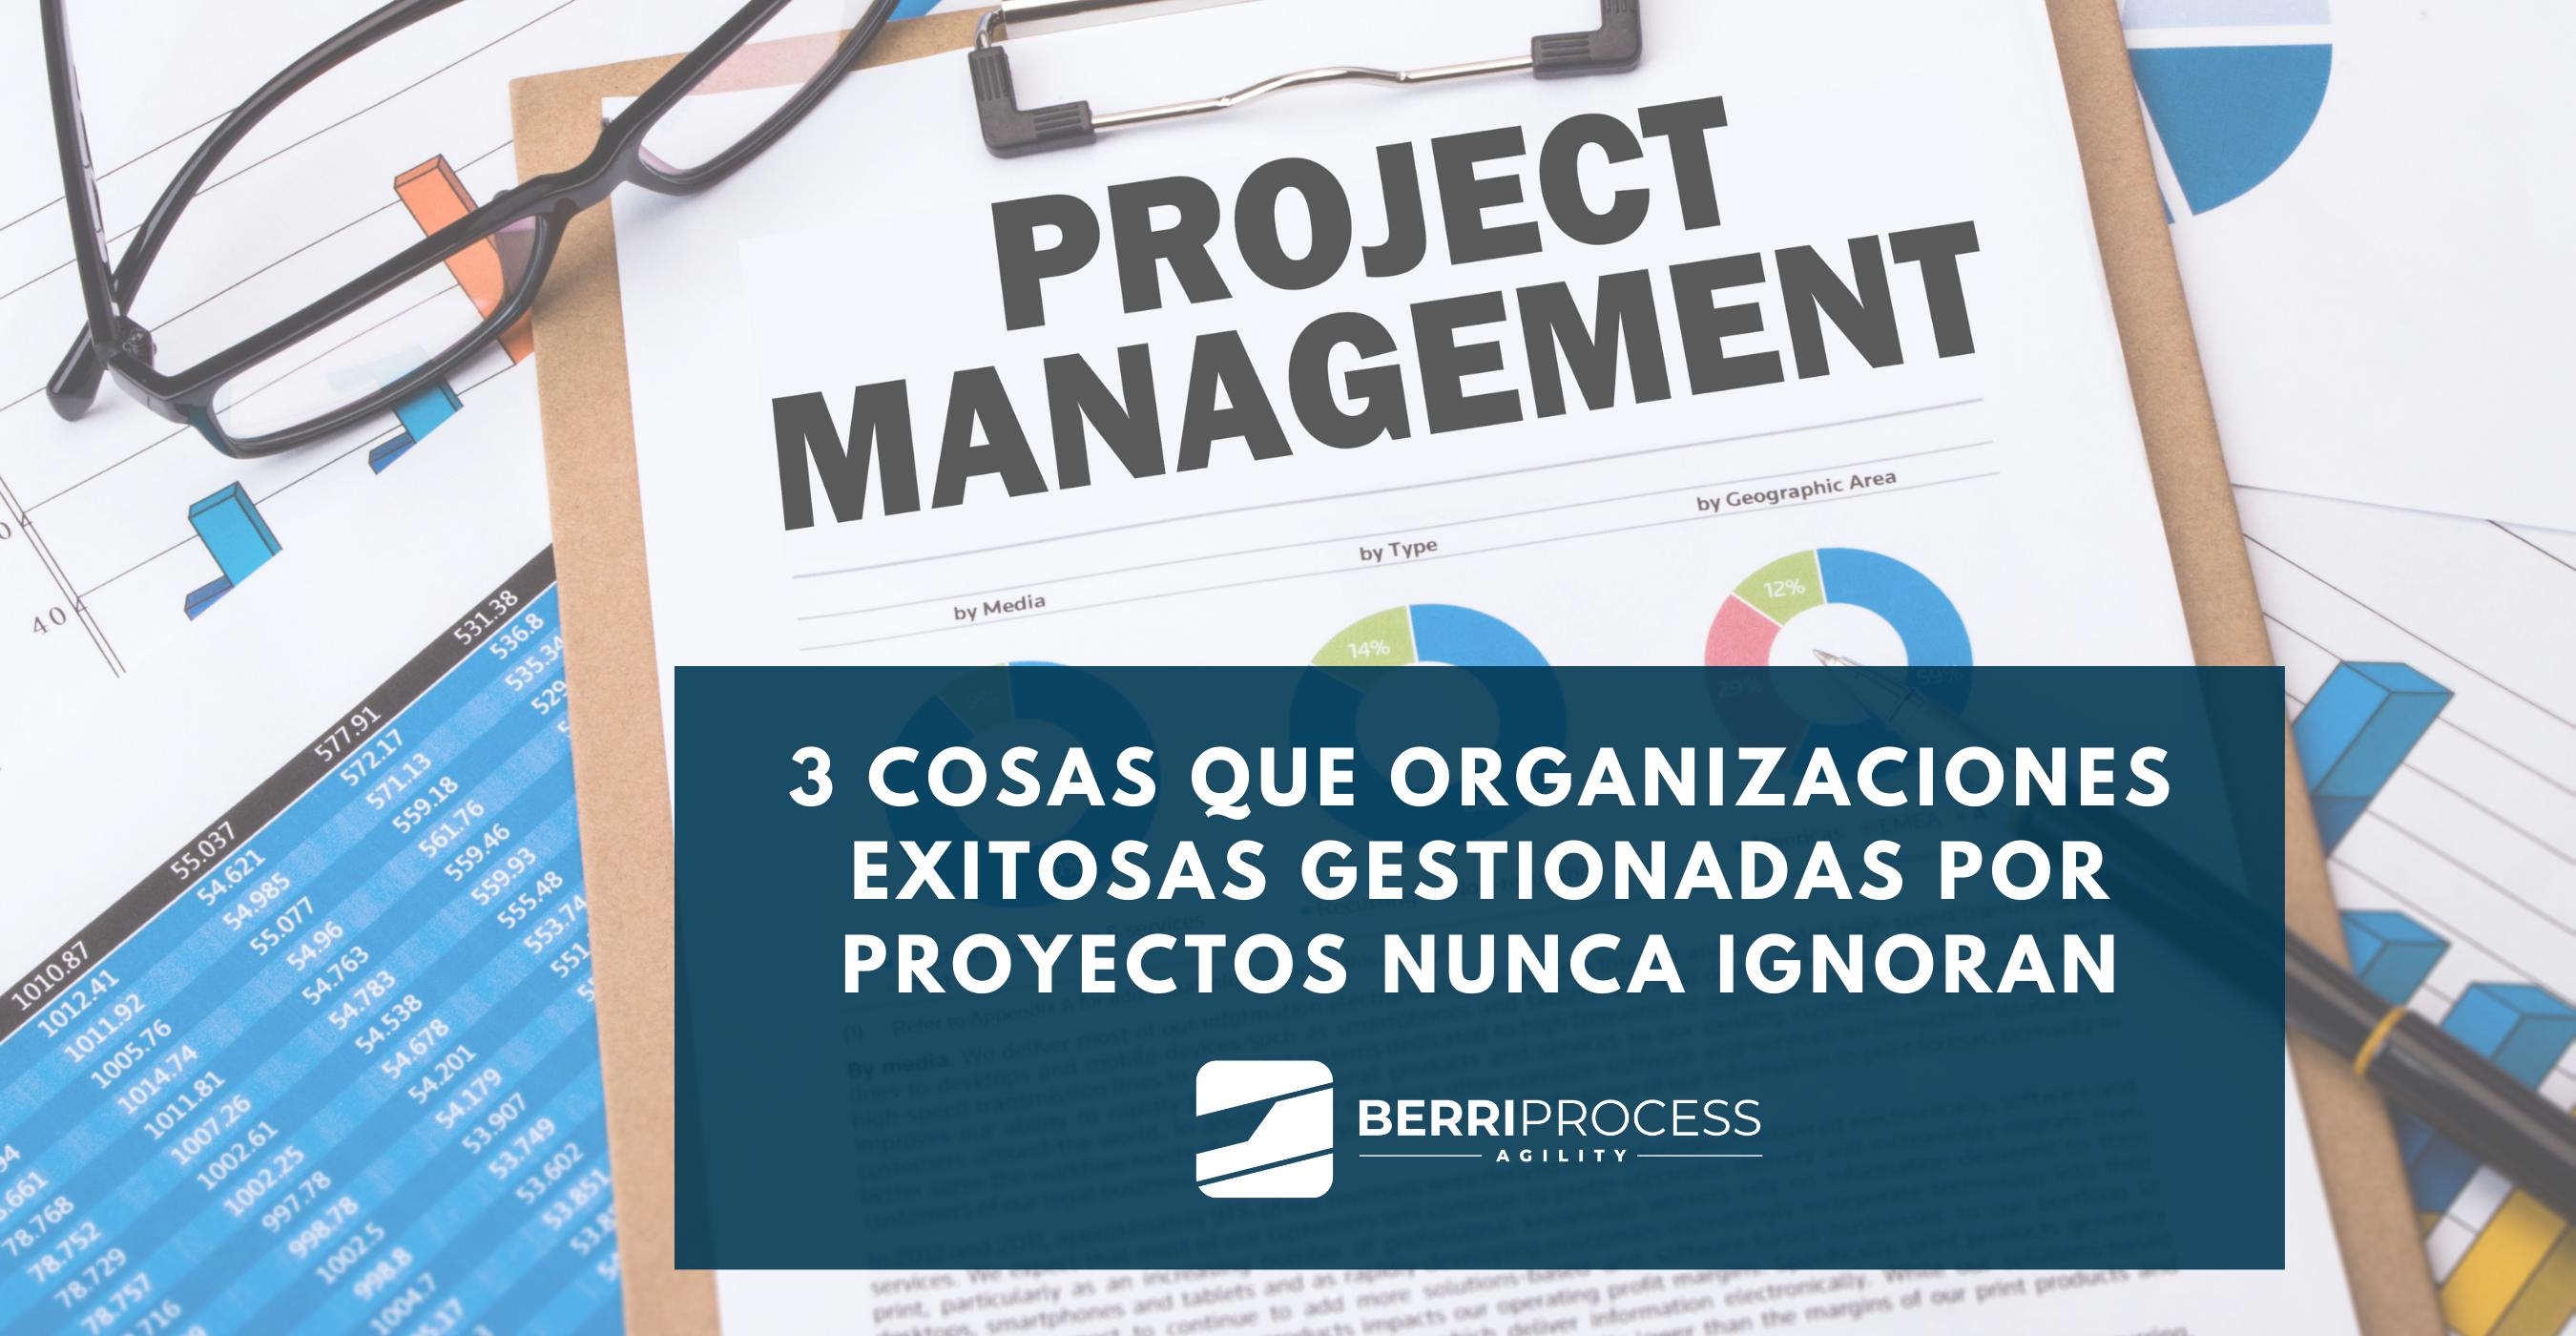 Imagen artículo 3 cosas empresas exitosas gestionadas por proyectos